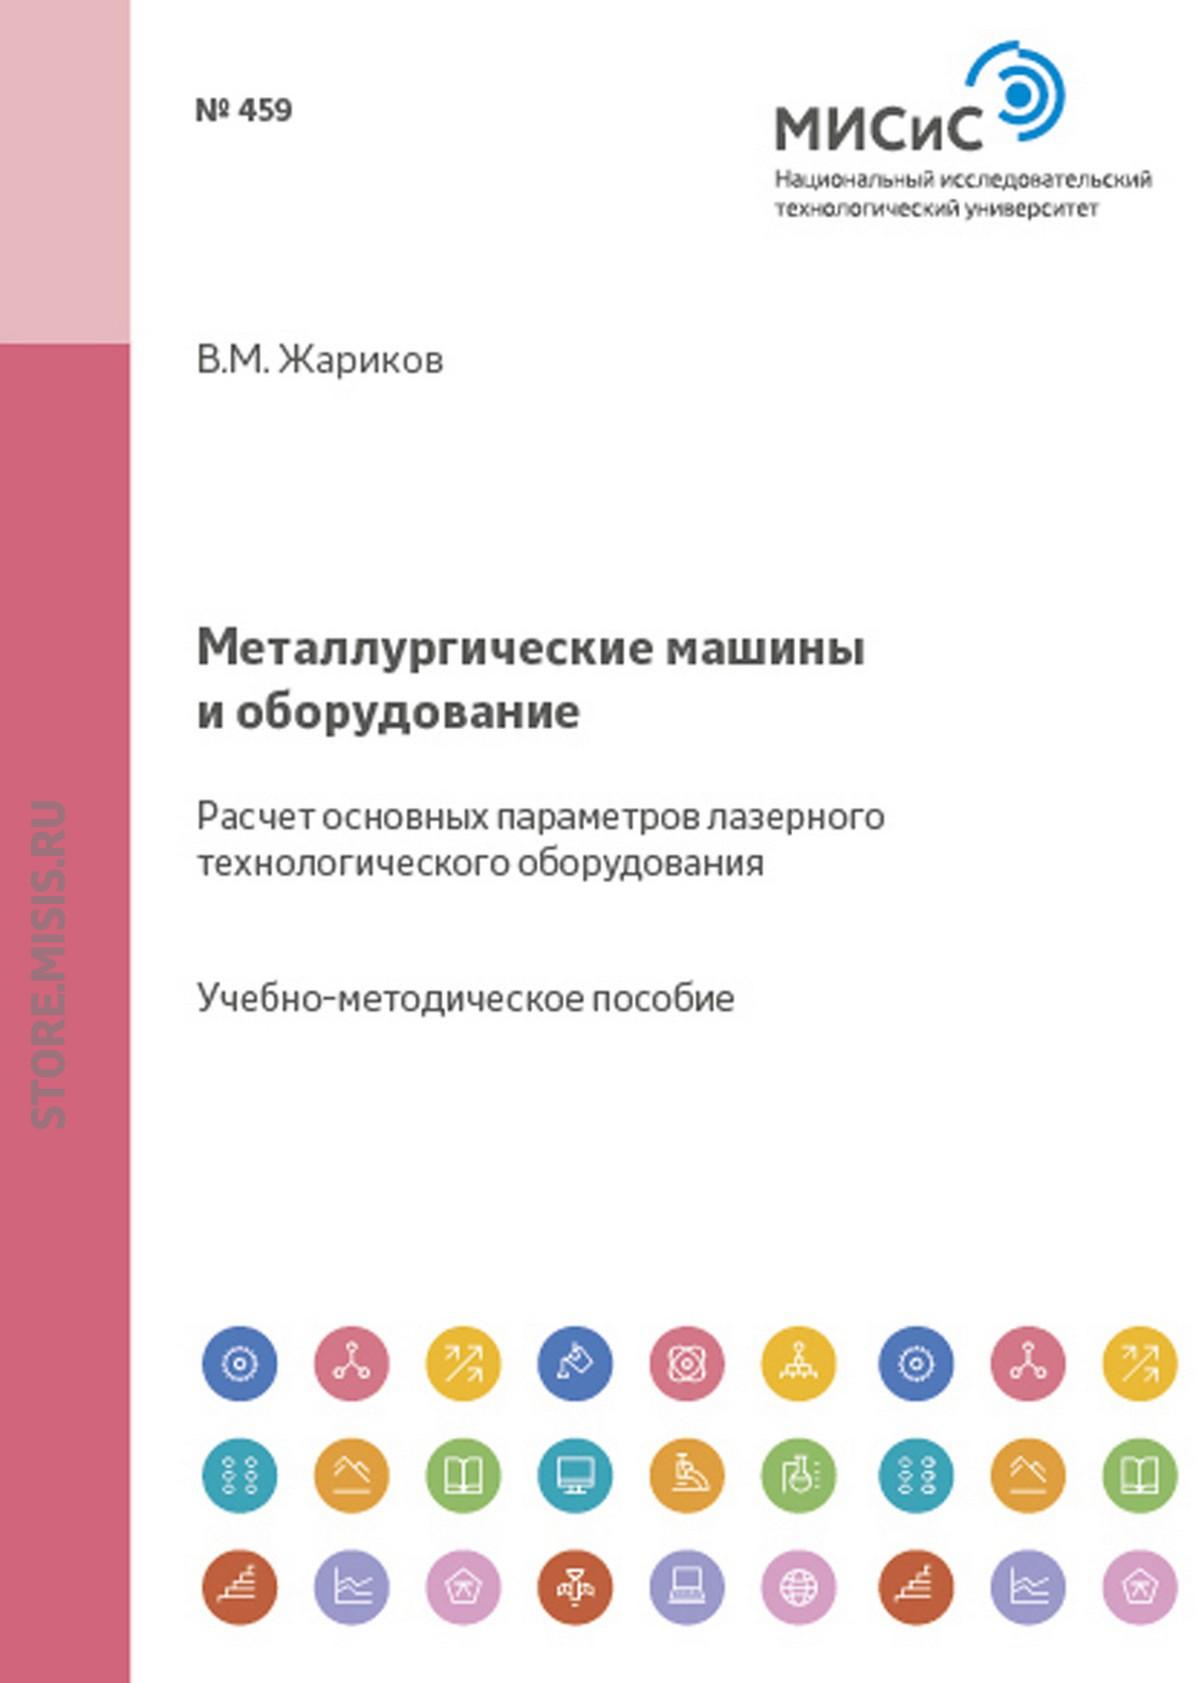 Валерий Жариков Металлургические машины и оборудование. Расчет основных параметров лазерного технологического оборудования